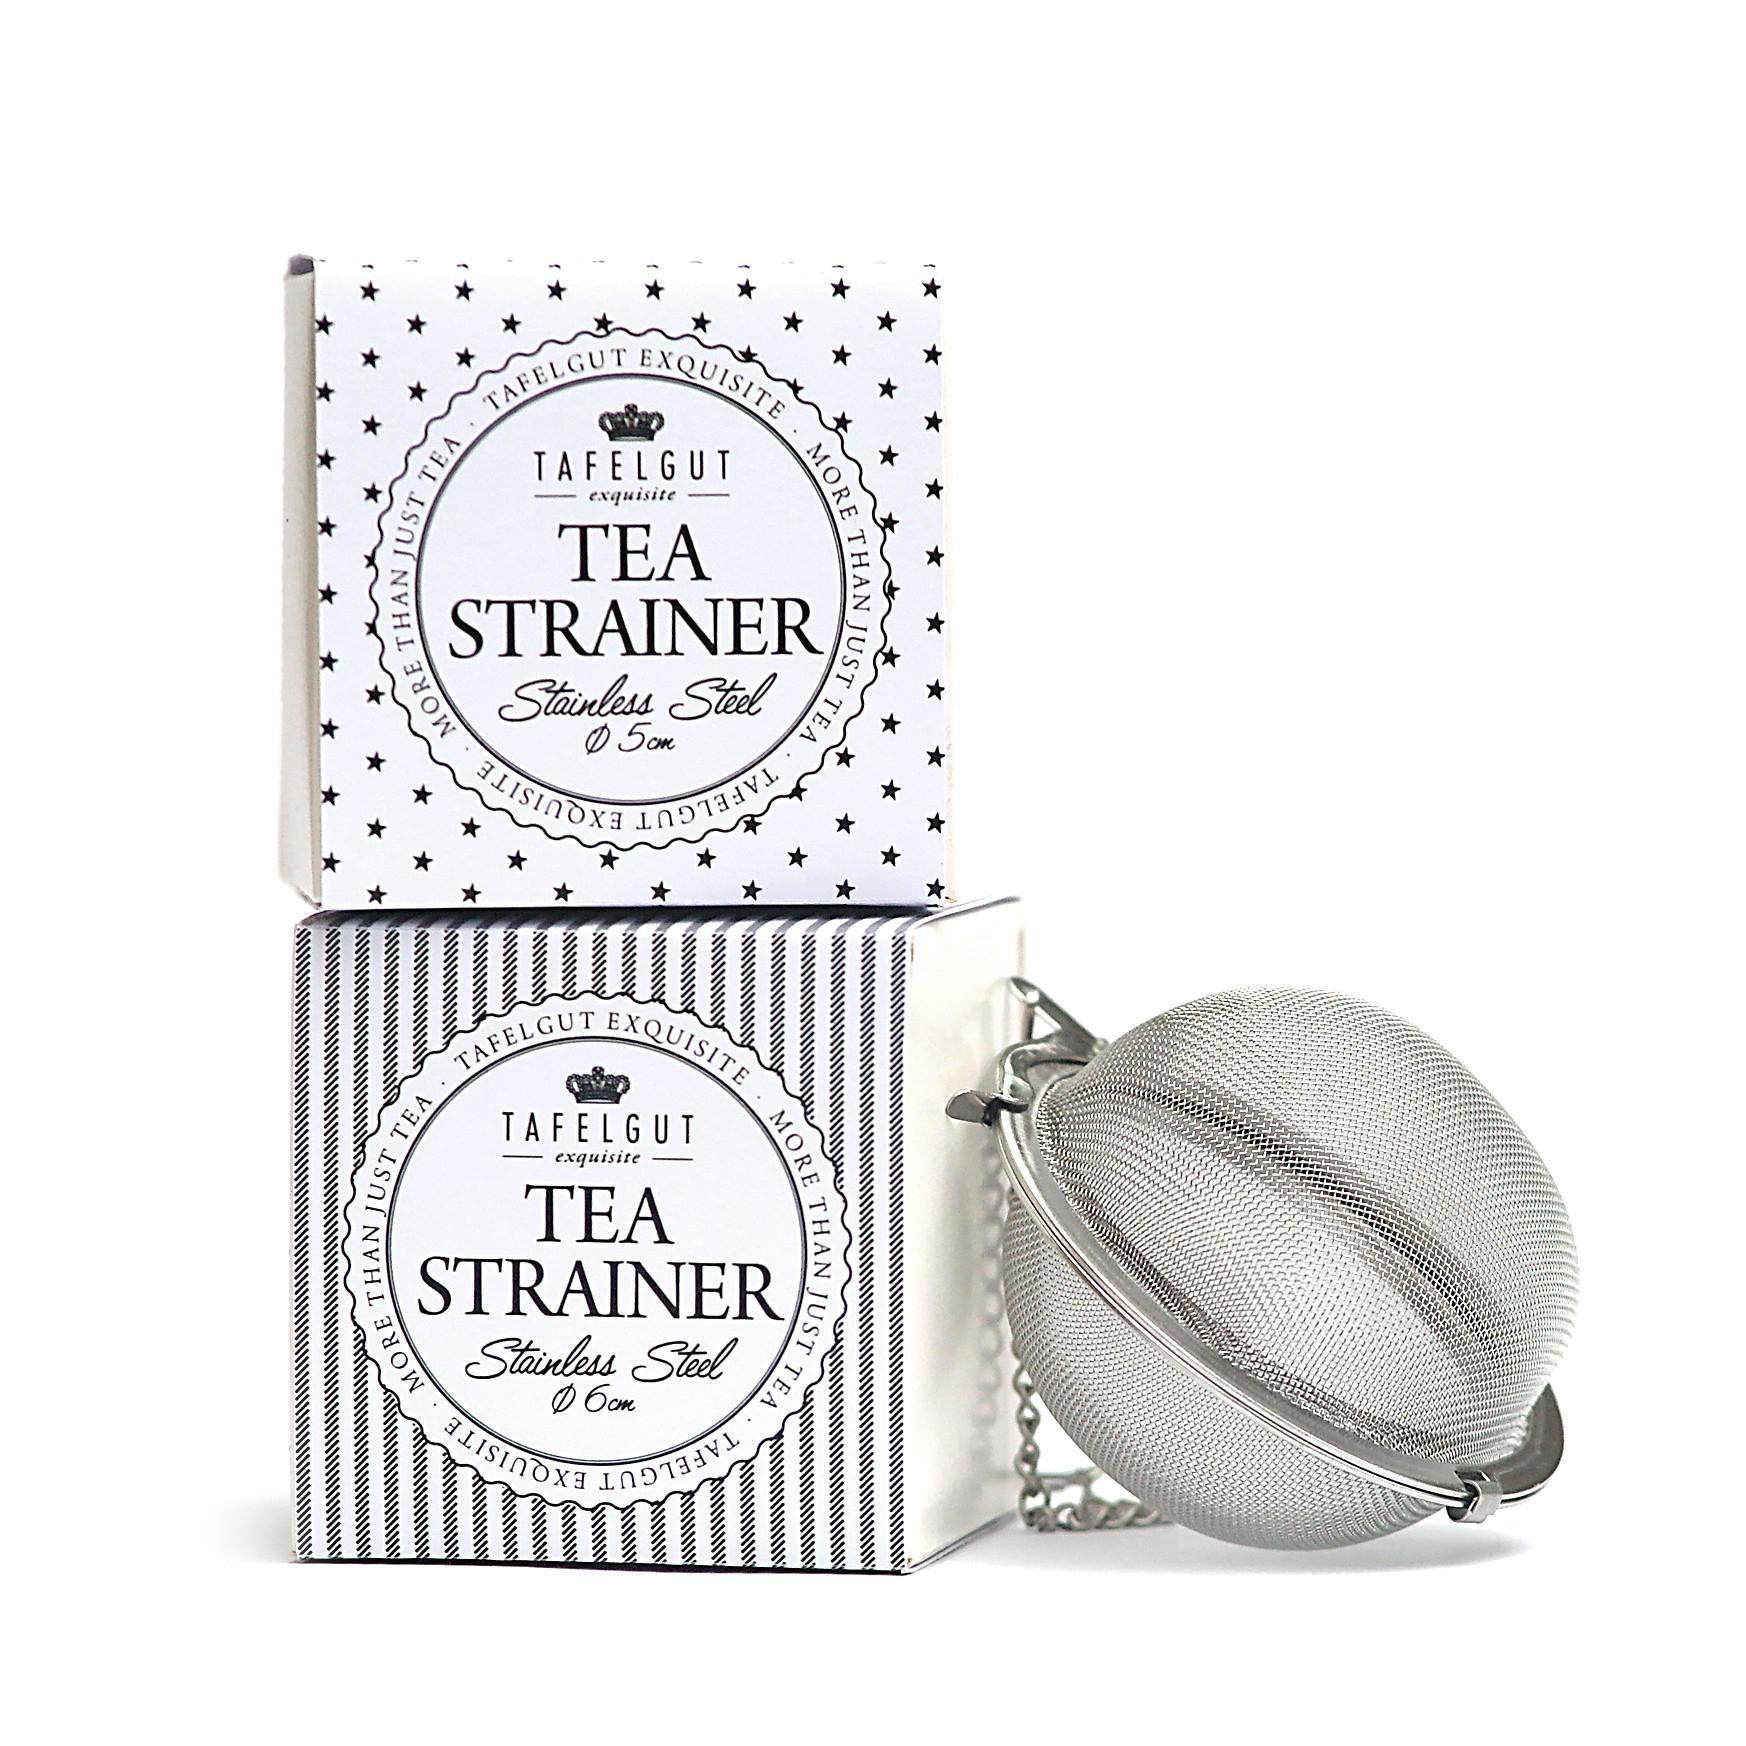 TAFELGUT Sítko na sypaný čaj Black - 5 cm Hvězdičky, černá barva, stříbrná barva, kov